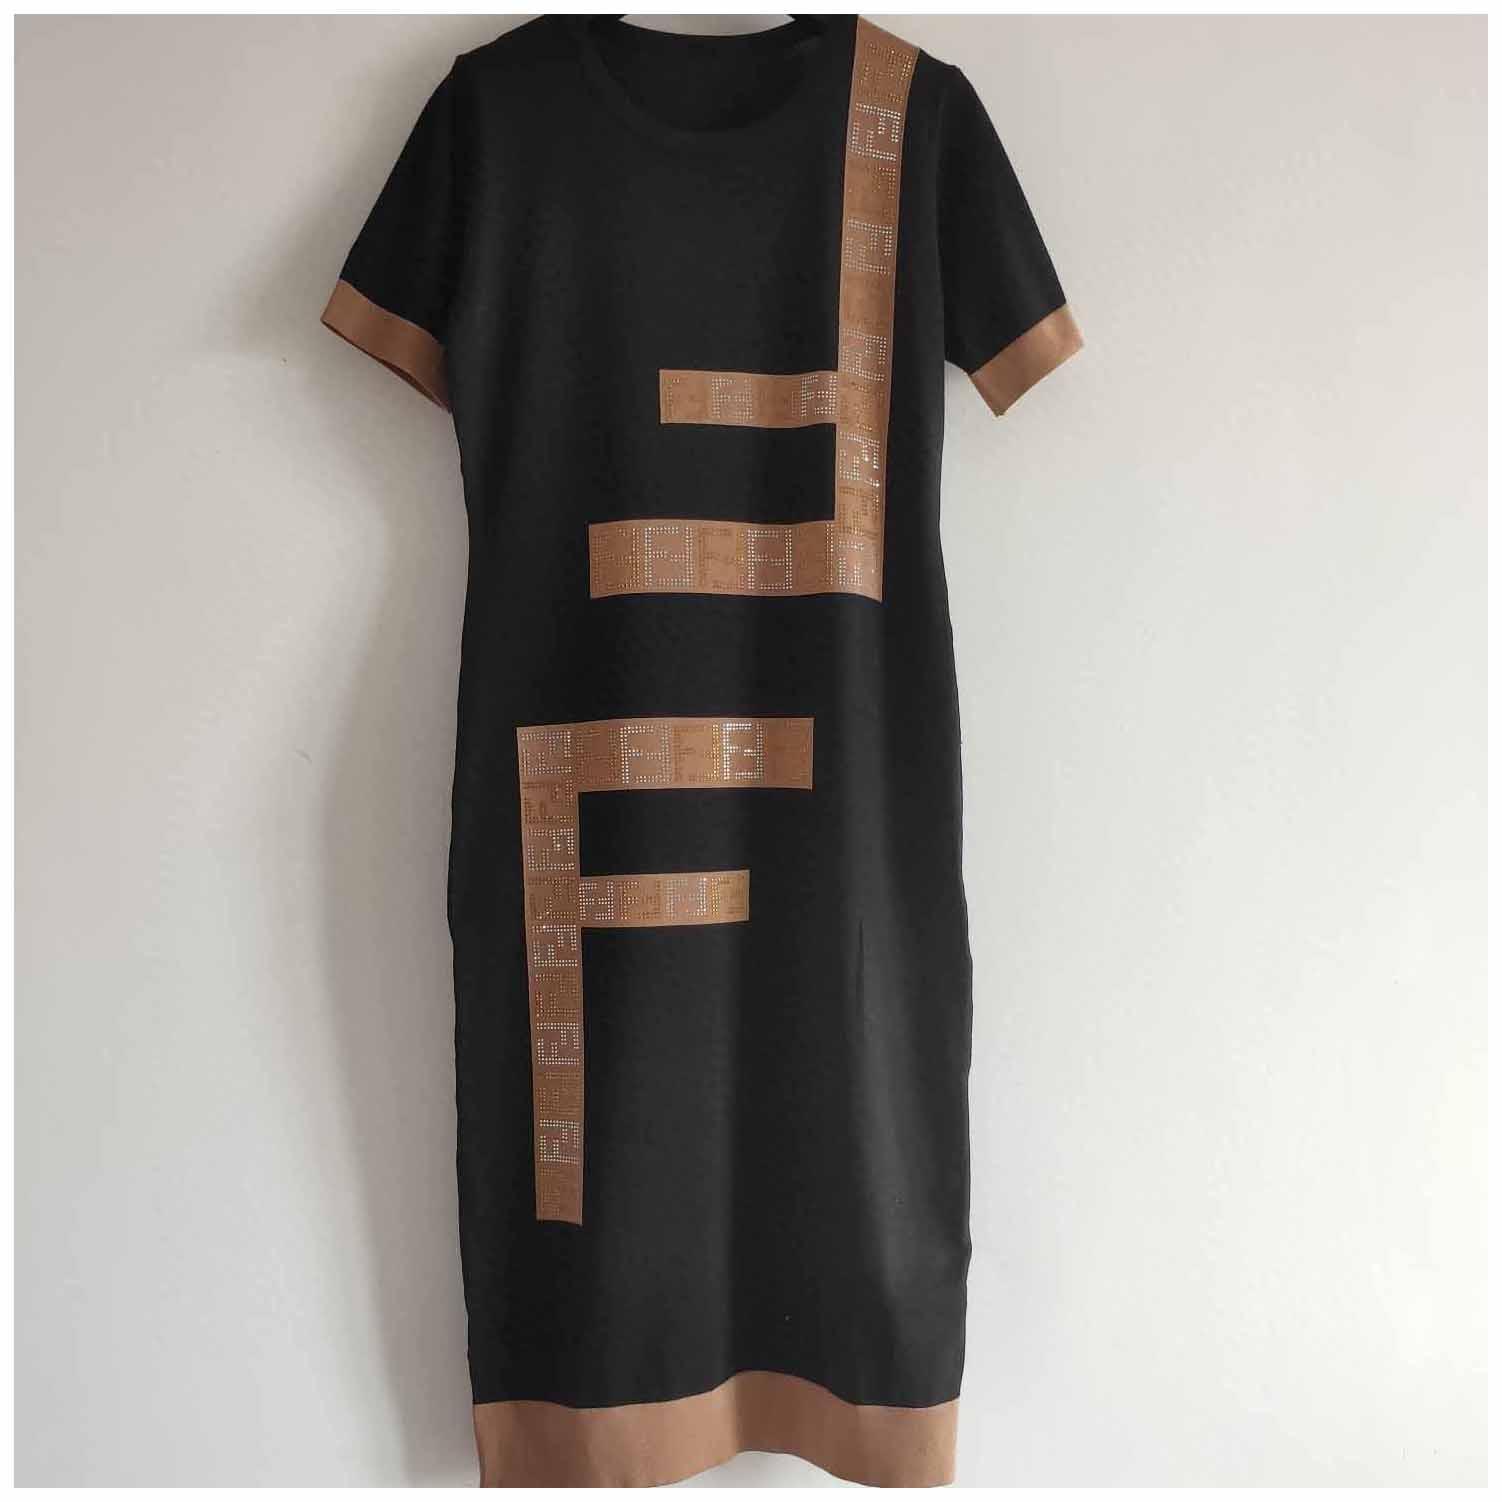 Женские Дизайнерские Платья Дам Бренд Письмо Печать Юбки Женщин Случайные Летние Платья Мода Роскошные Стиль Женщины Длинные Платья